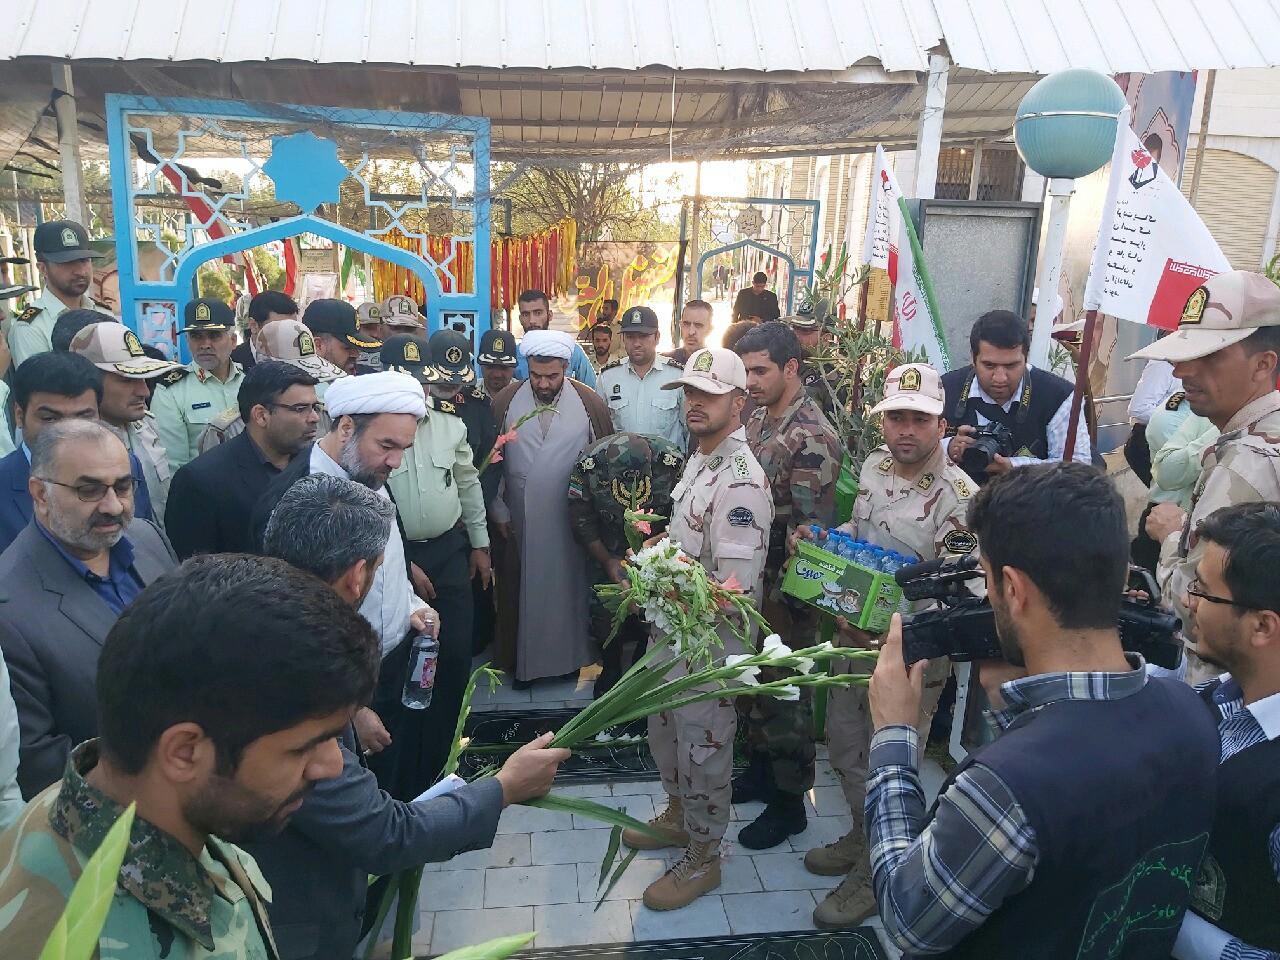 غبار روبی گلزار شهدای زاهدان با حضور سبز پوشان ناجا